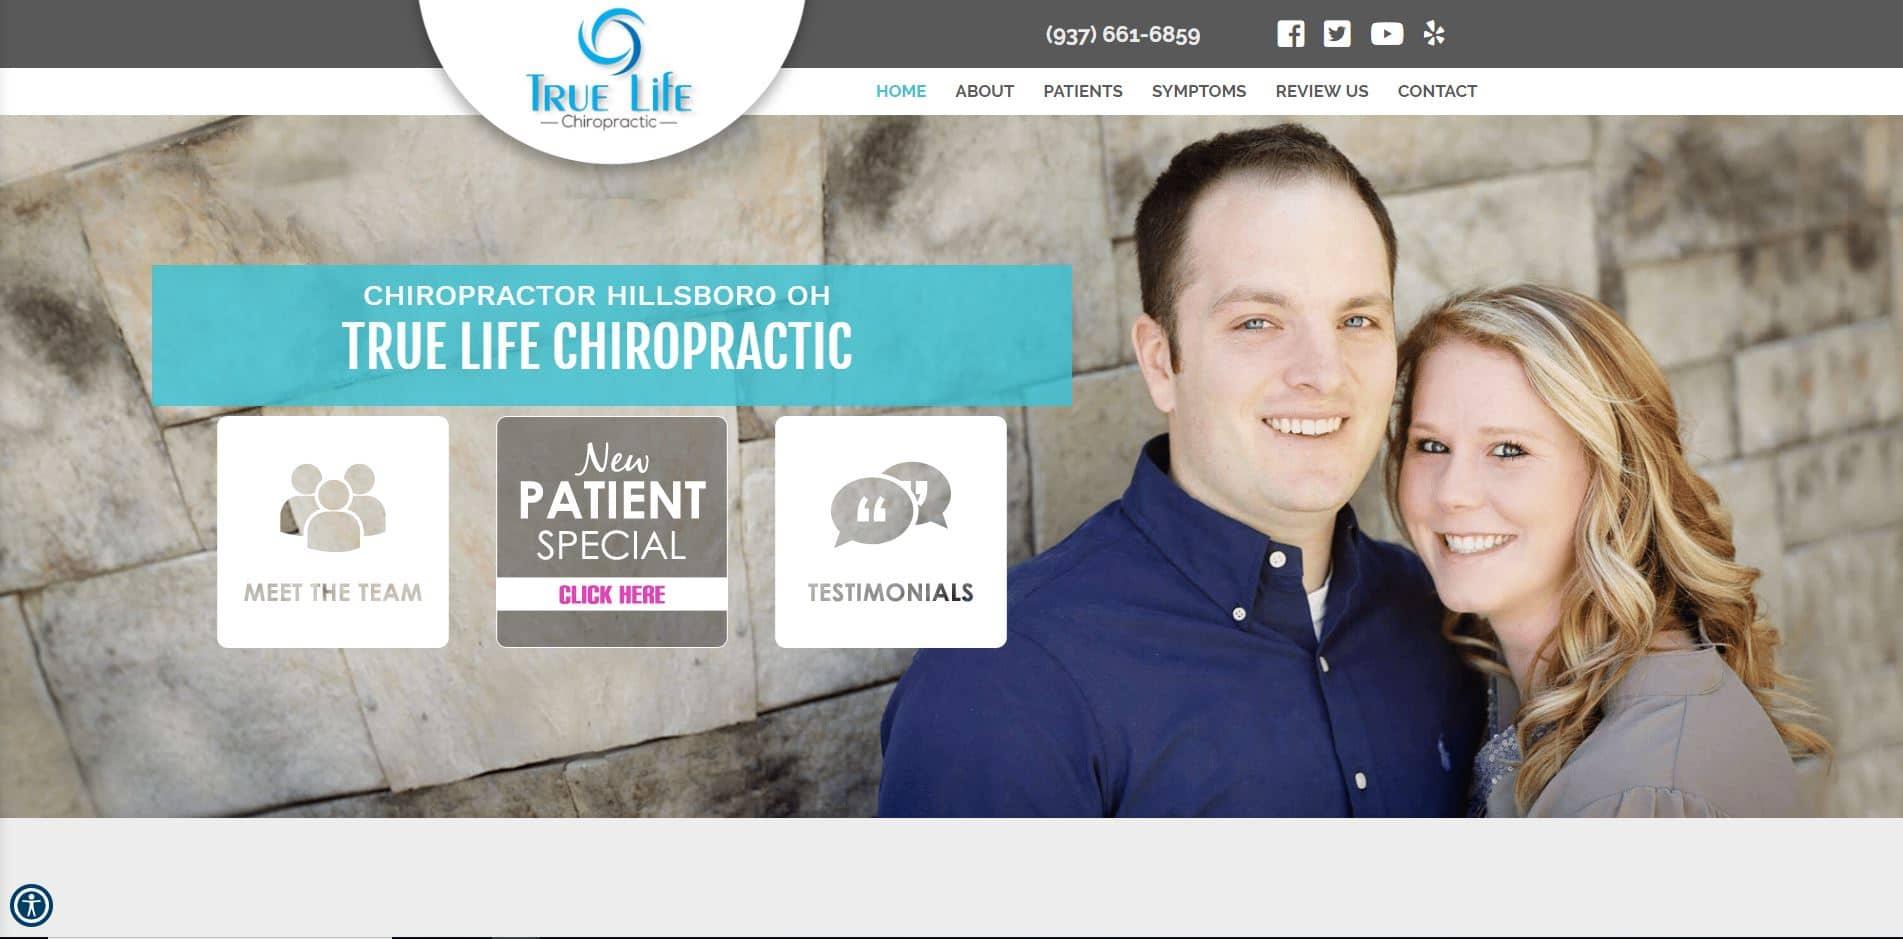 Chiropractor in Hillsboro